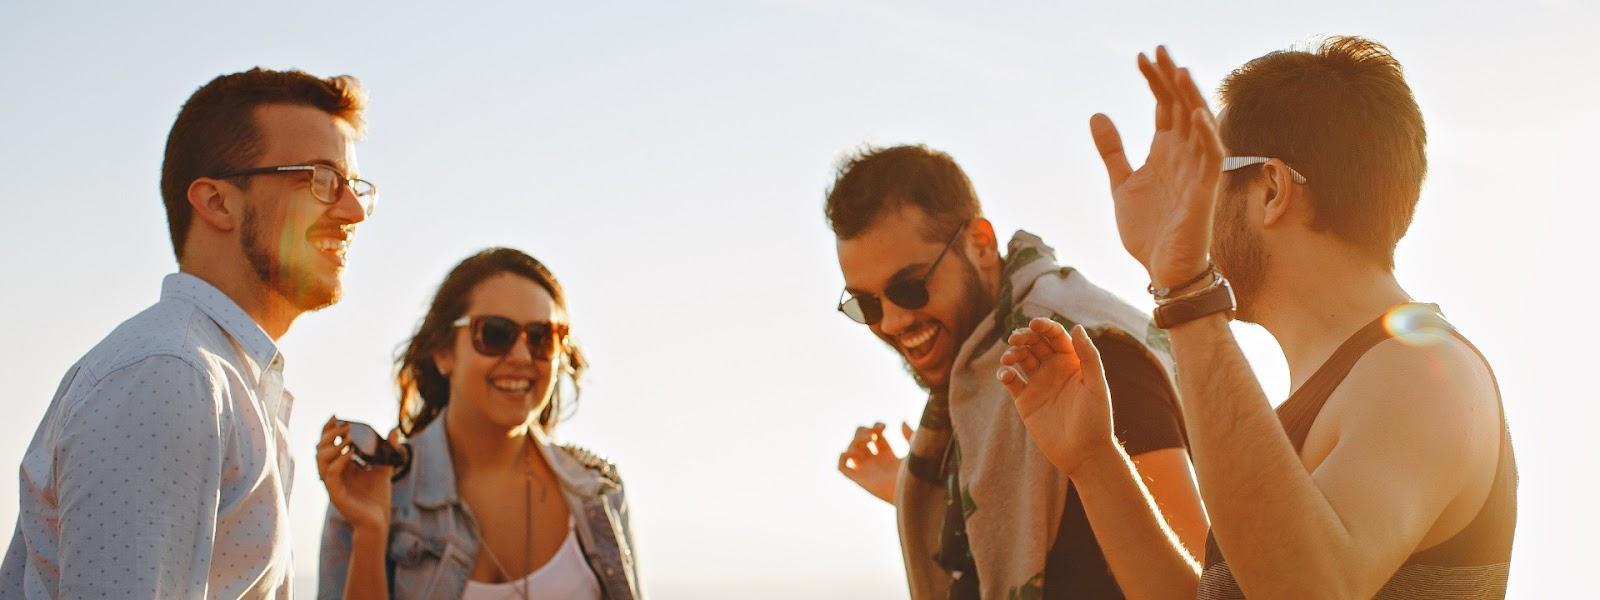 social benefits of intrapreneurship Intrapreneurs get a pre-built social life